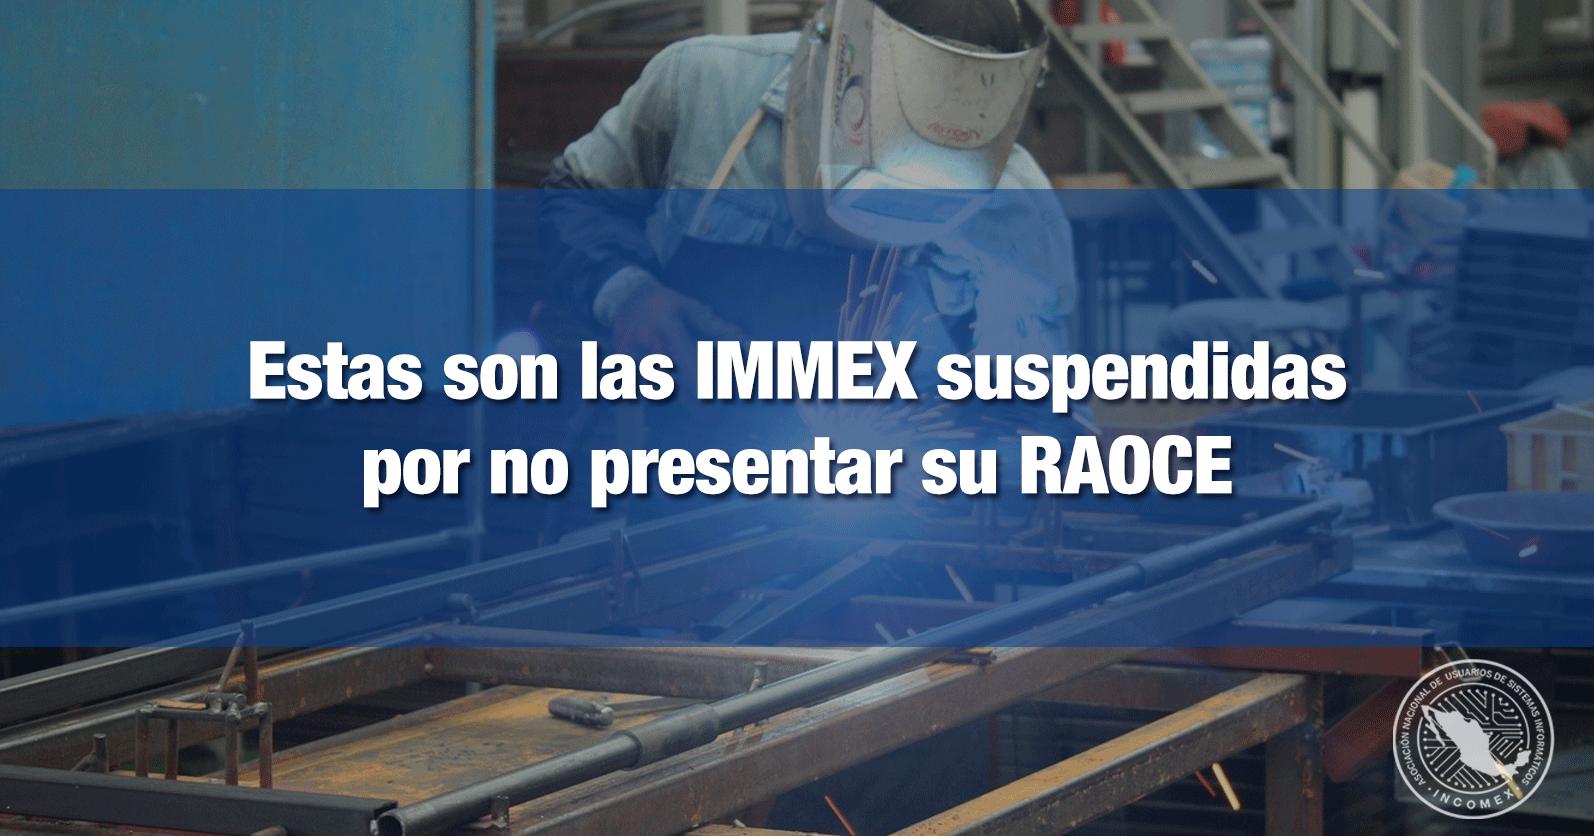 Estas son las IMMEX suspendidas por no presentar su RAOCE